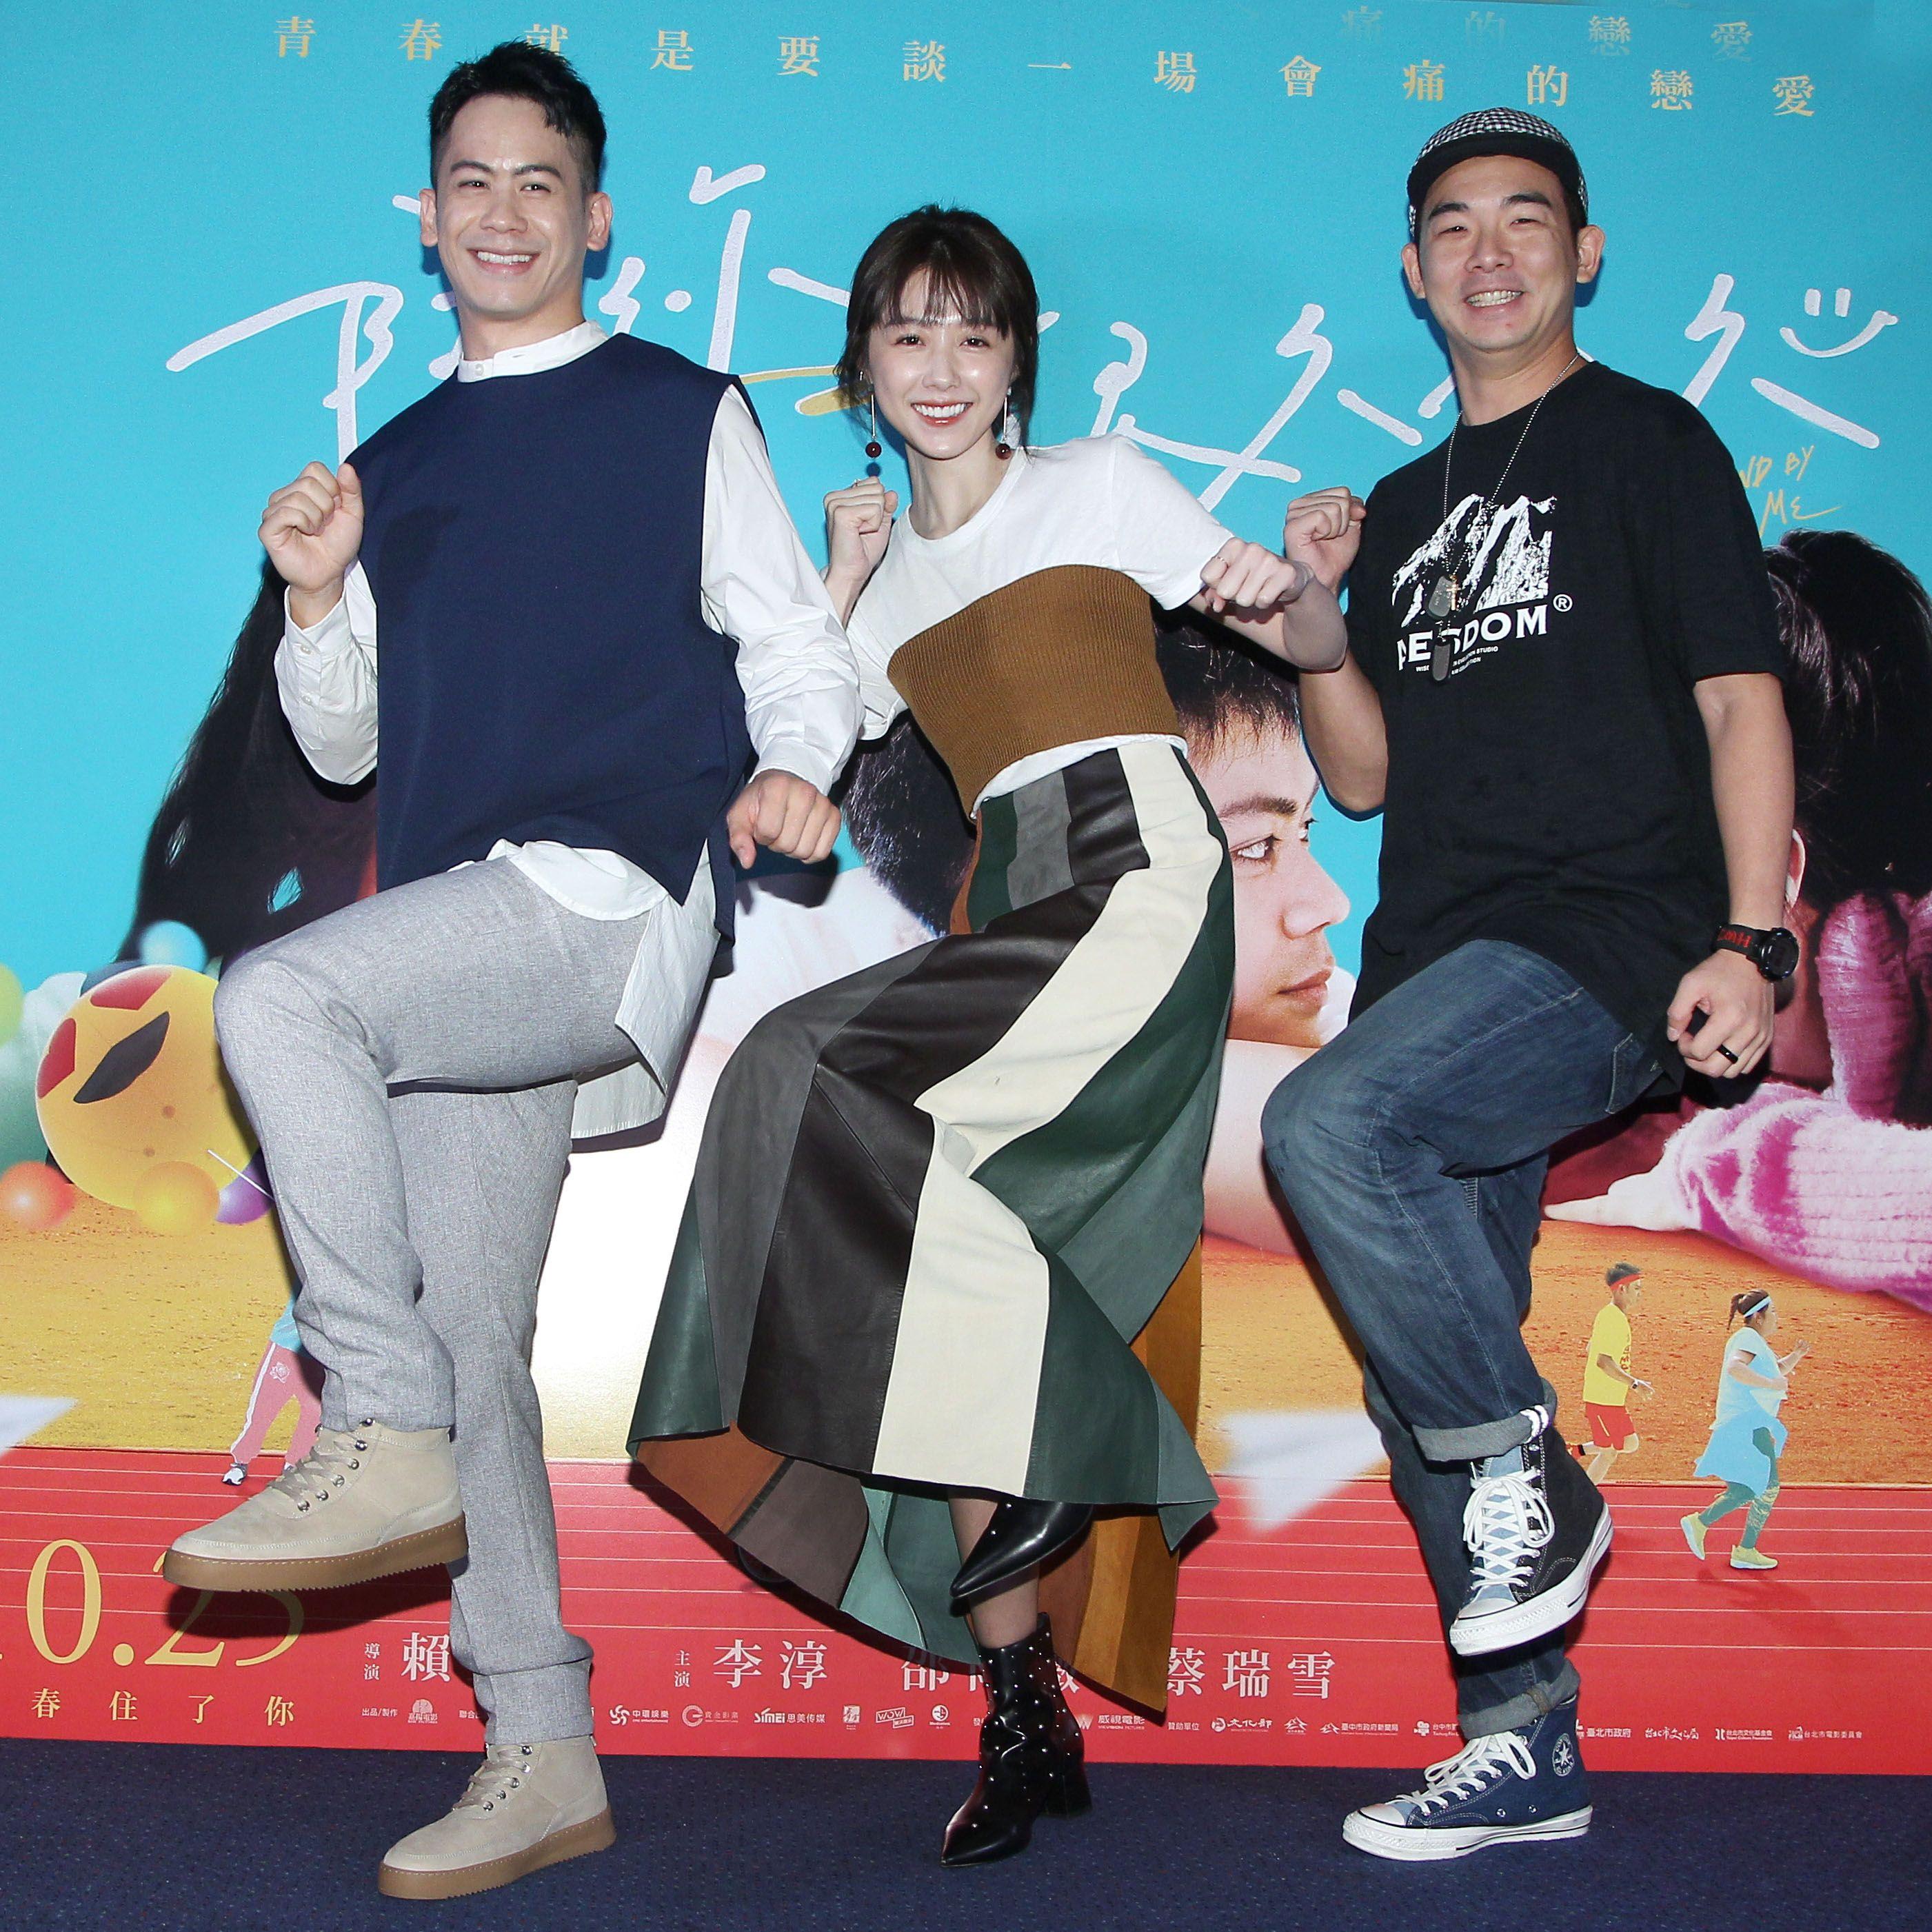 電影「陪你很久很久」演員李淳、邵雨薇、胡瑋杰。(記者邱榮吉/攝影)